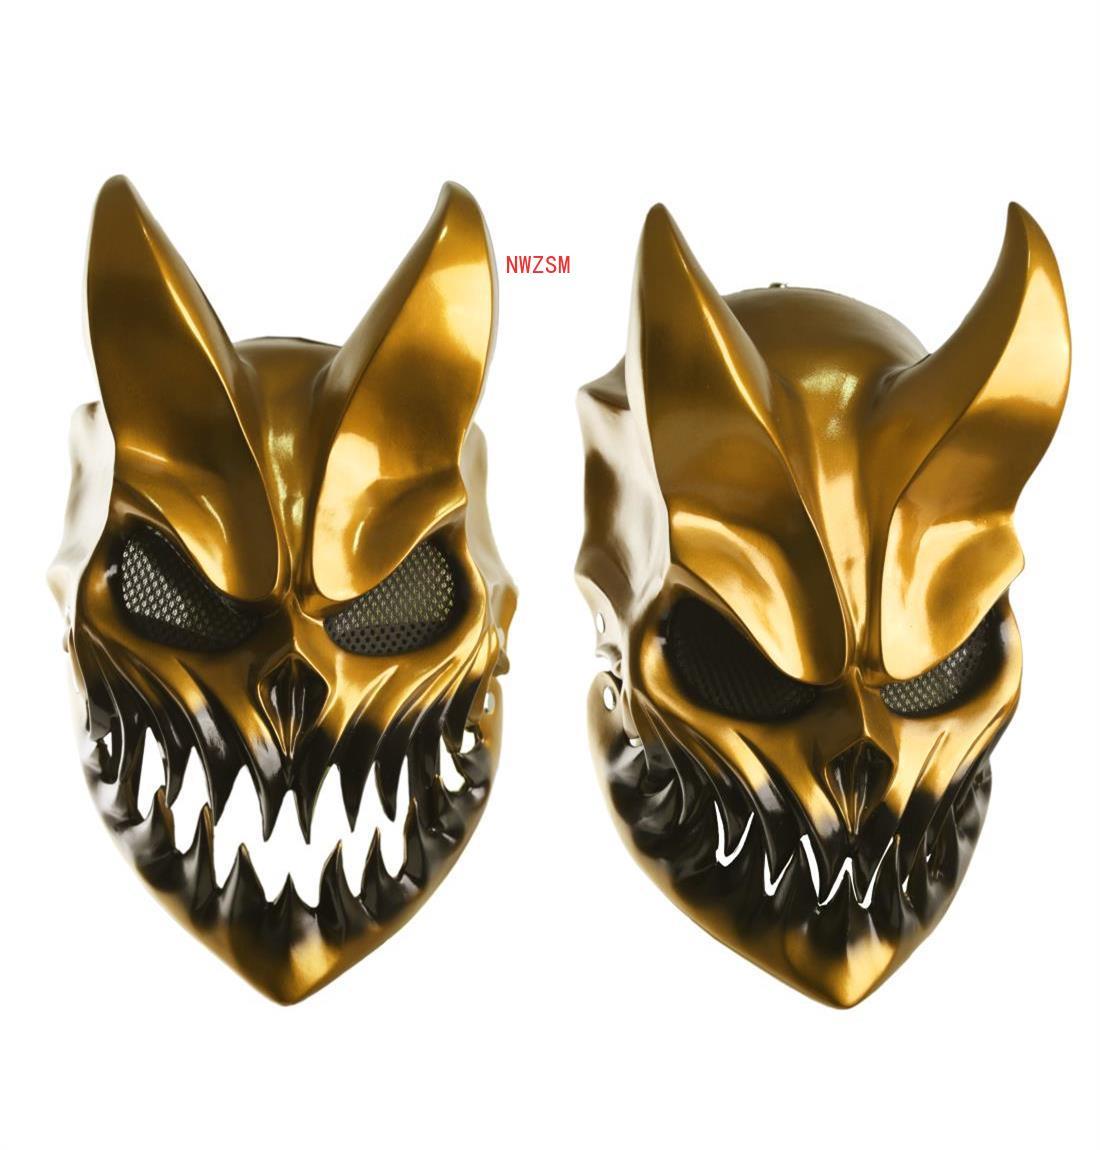 Маска на Хэллоуин убойное преимущество смертельный металлик малыш темноты разрушение шиколай демон маски жесткий смертельный элемент кос...